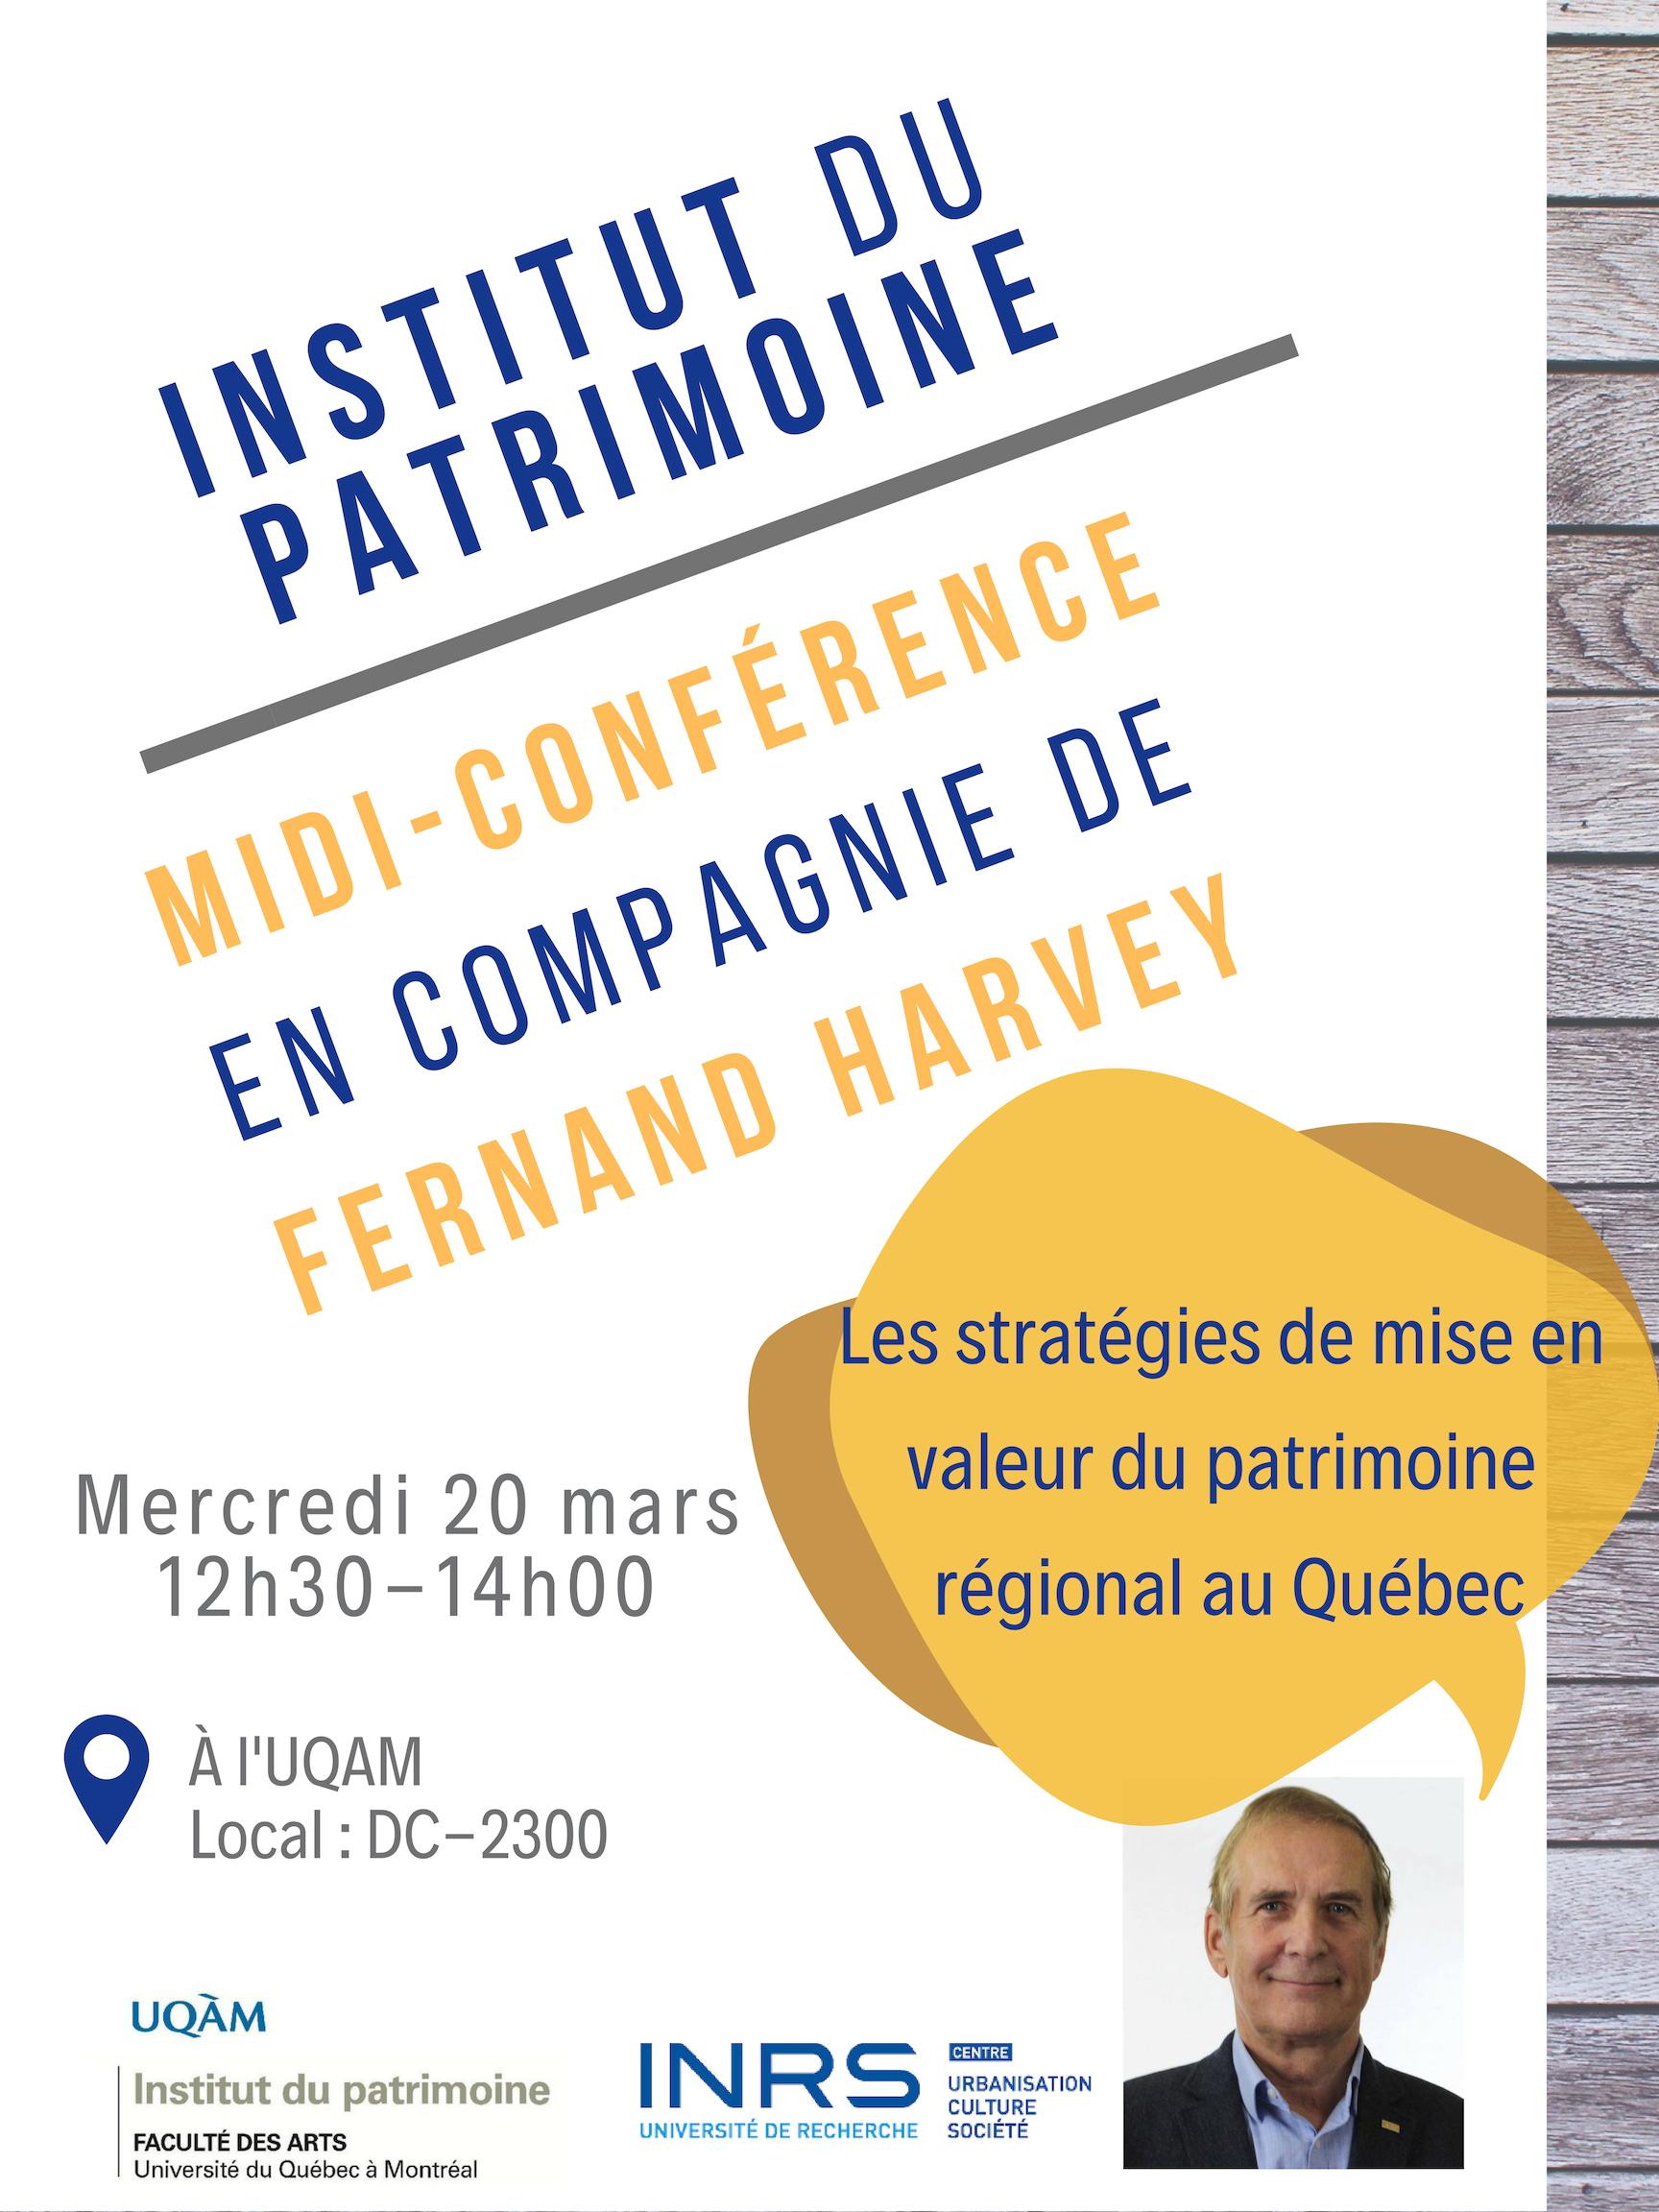 Conférence : Les stratégies de mise en valeur du patrimoine régional